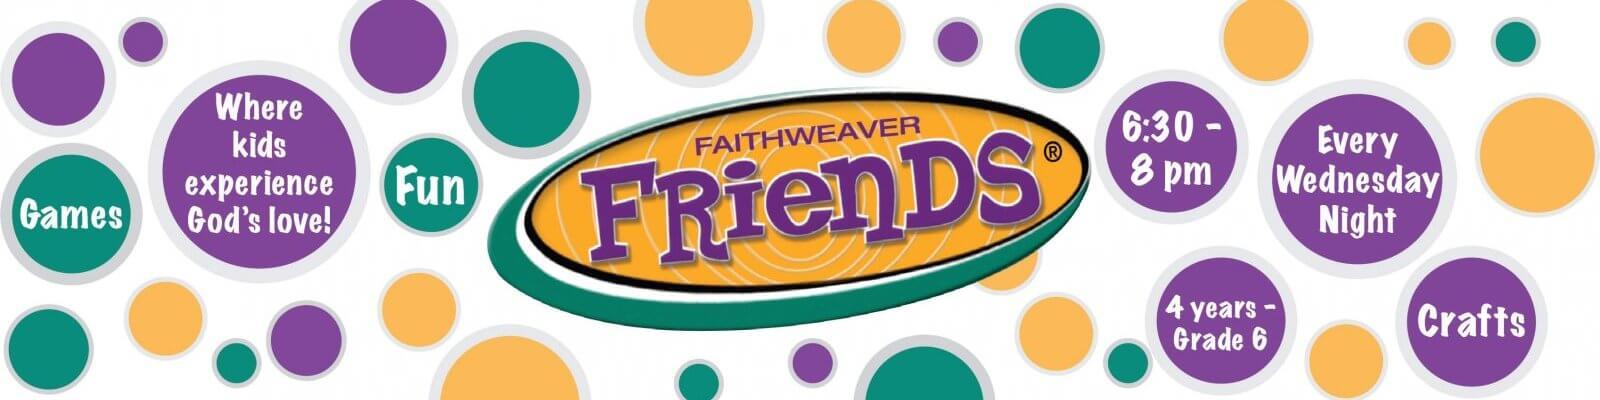 Faithweaver friends clipart picture transparent stock Faith Weaver Friends – Immanuel Baptist Church picture transparent stock